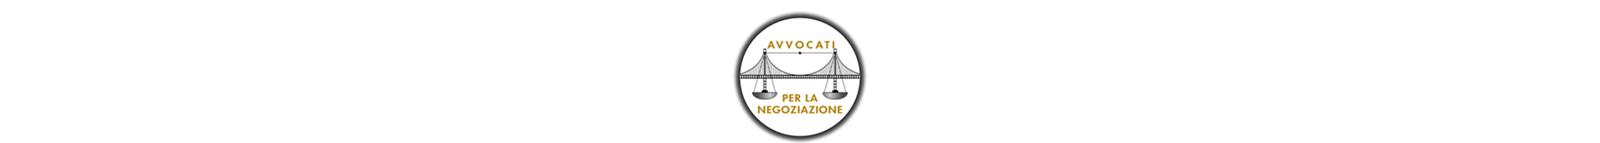 Avvocati per la Negoziazione